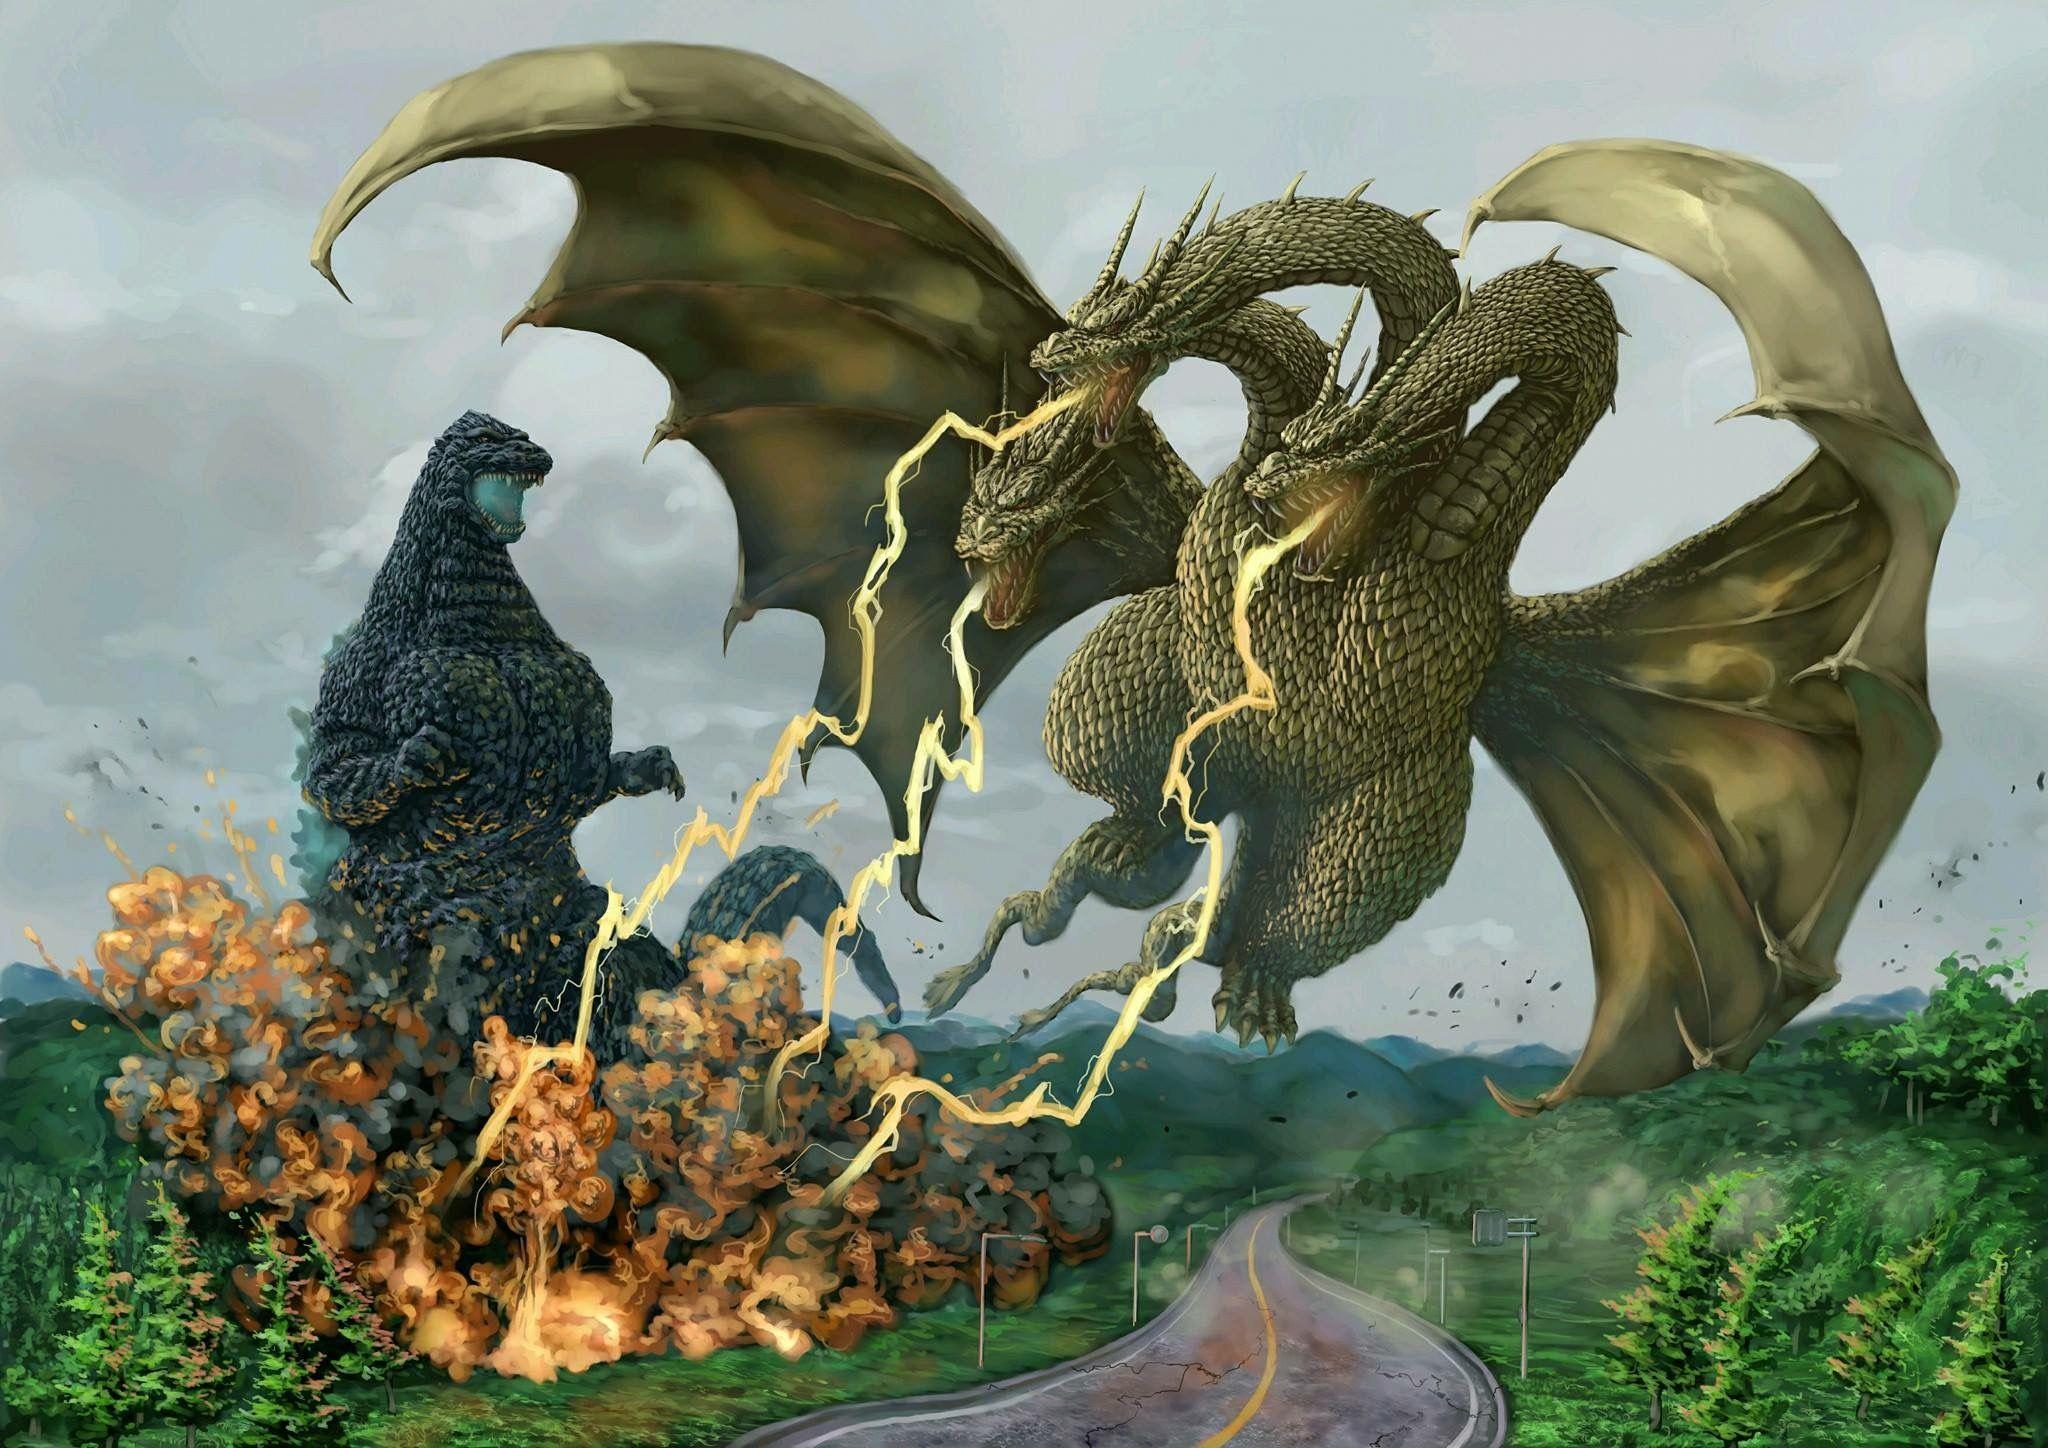 Godzilla Vs King Ghidorah 3